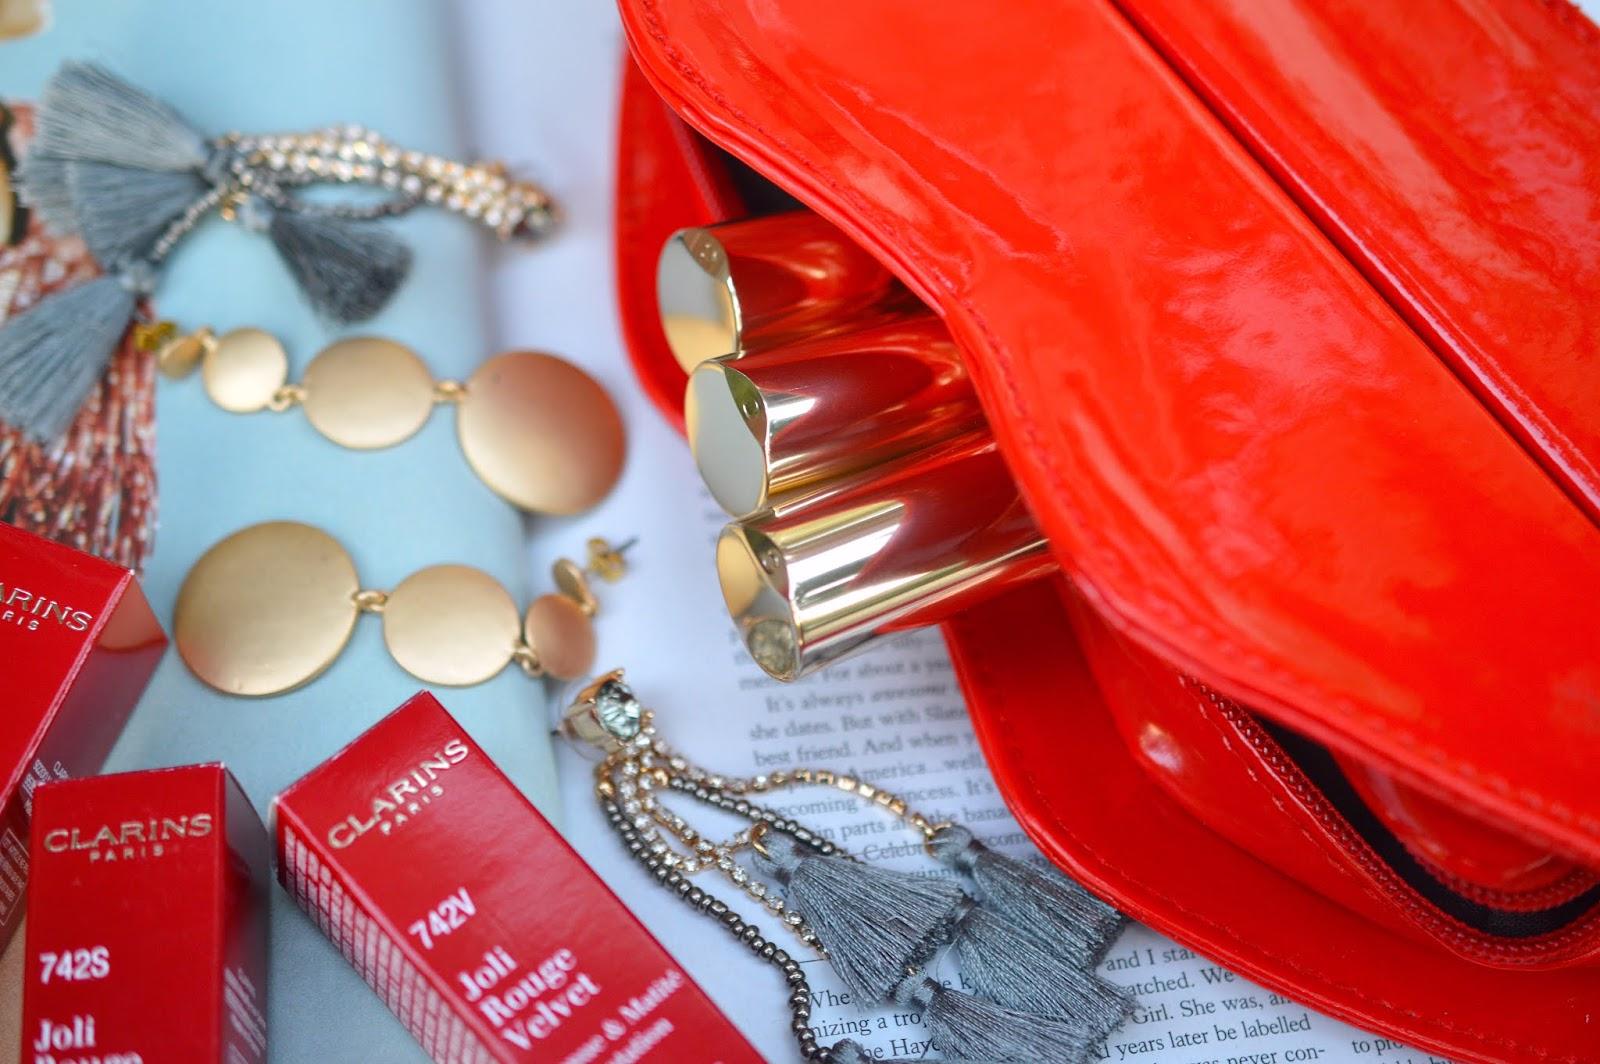 clarins red lipstick